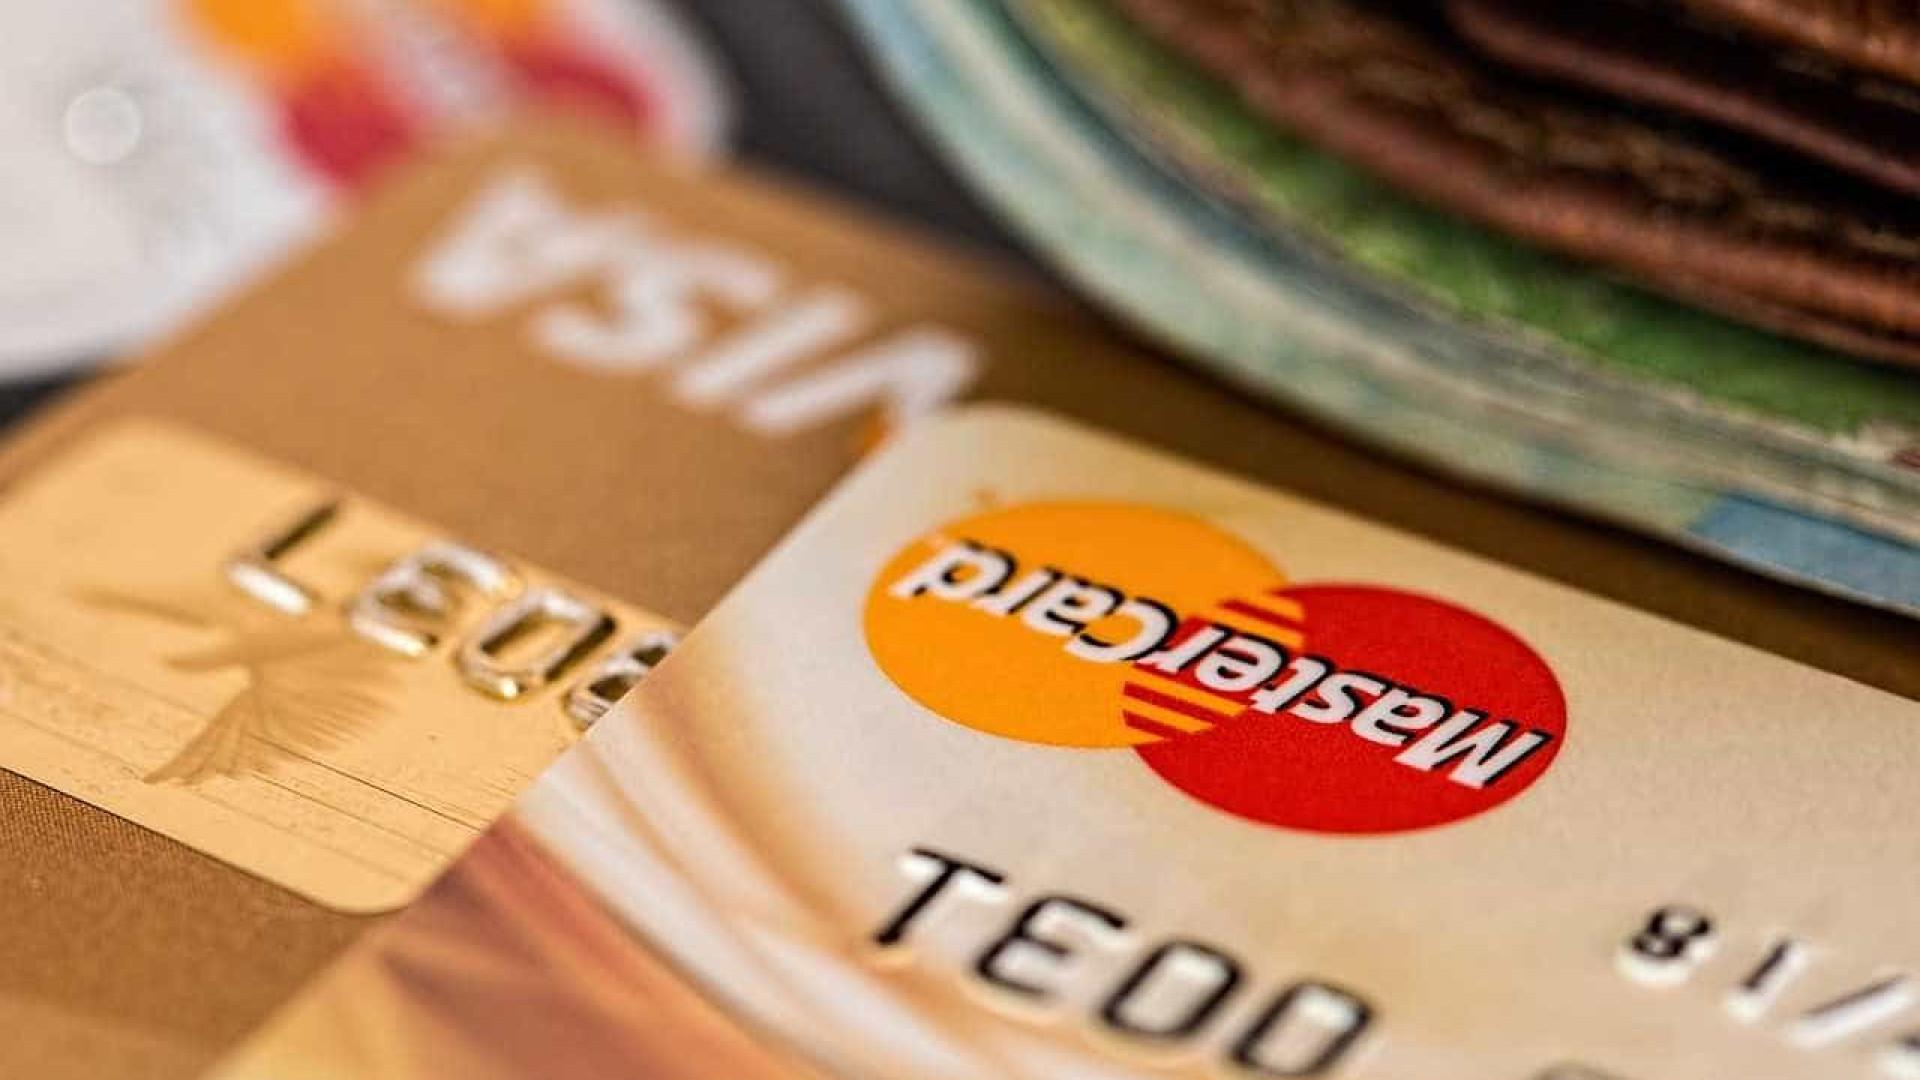 Juro do cartão de crédito sobe para 97,9% a.a em setembro, revela BC